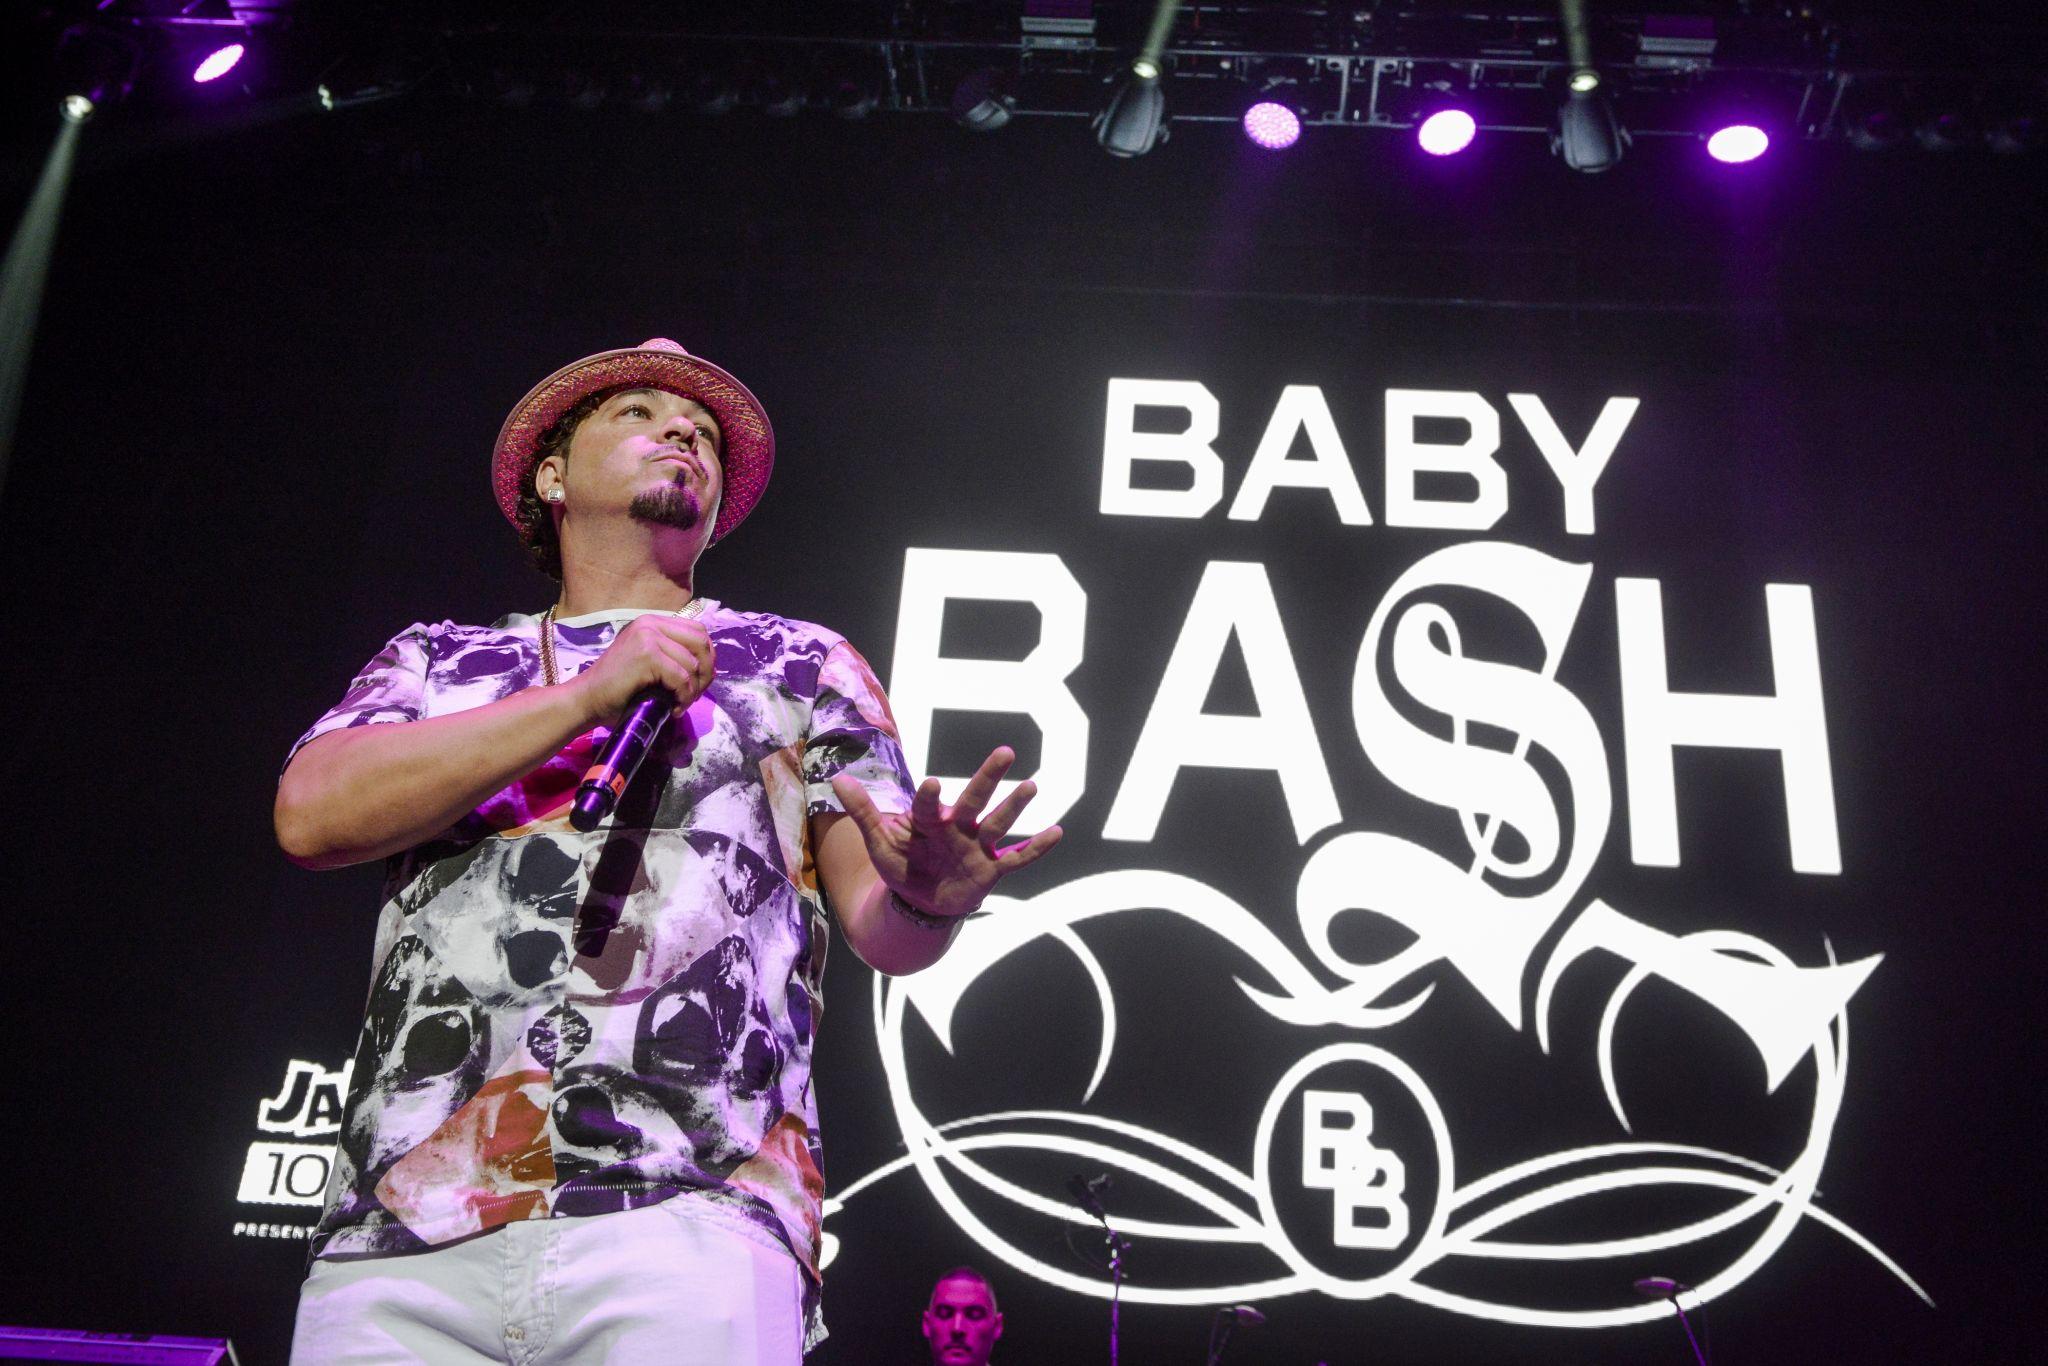 Baby Bash, Lil Rob akan datang ke Westside San Antonio musim gugur ini